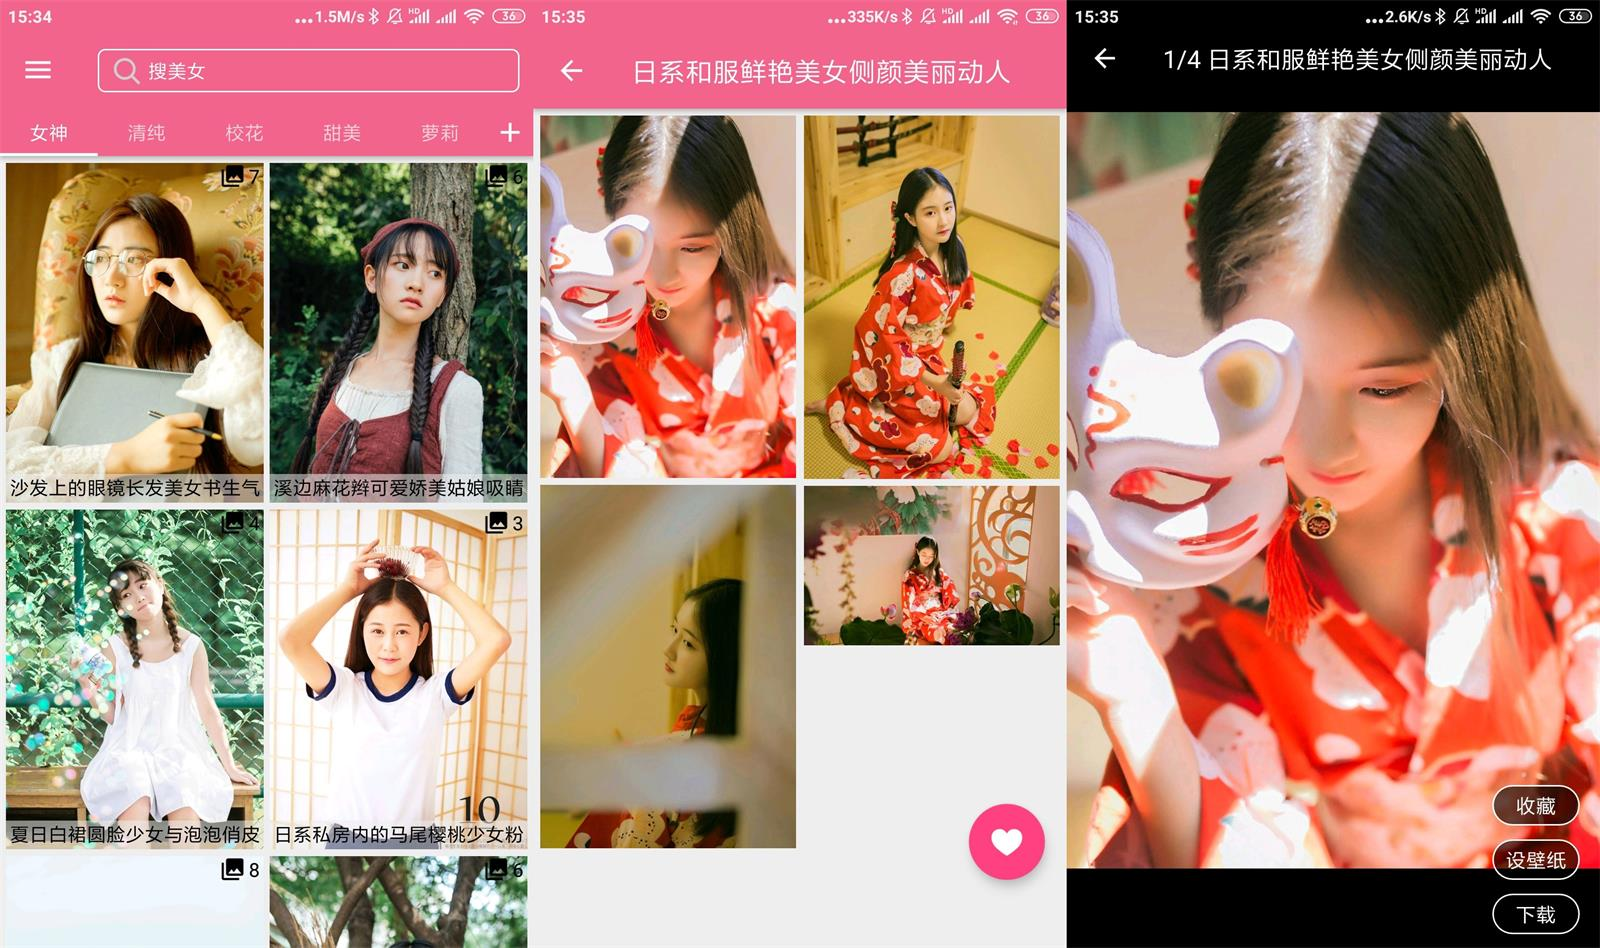 安卓美女图库v1.3.0 海量图片